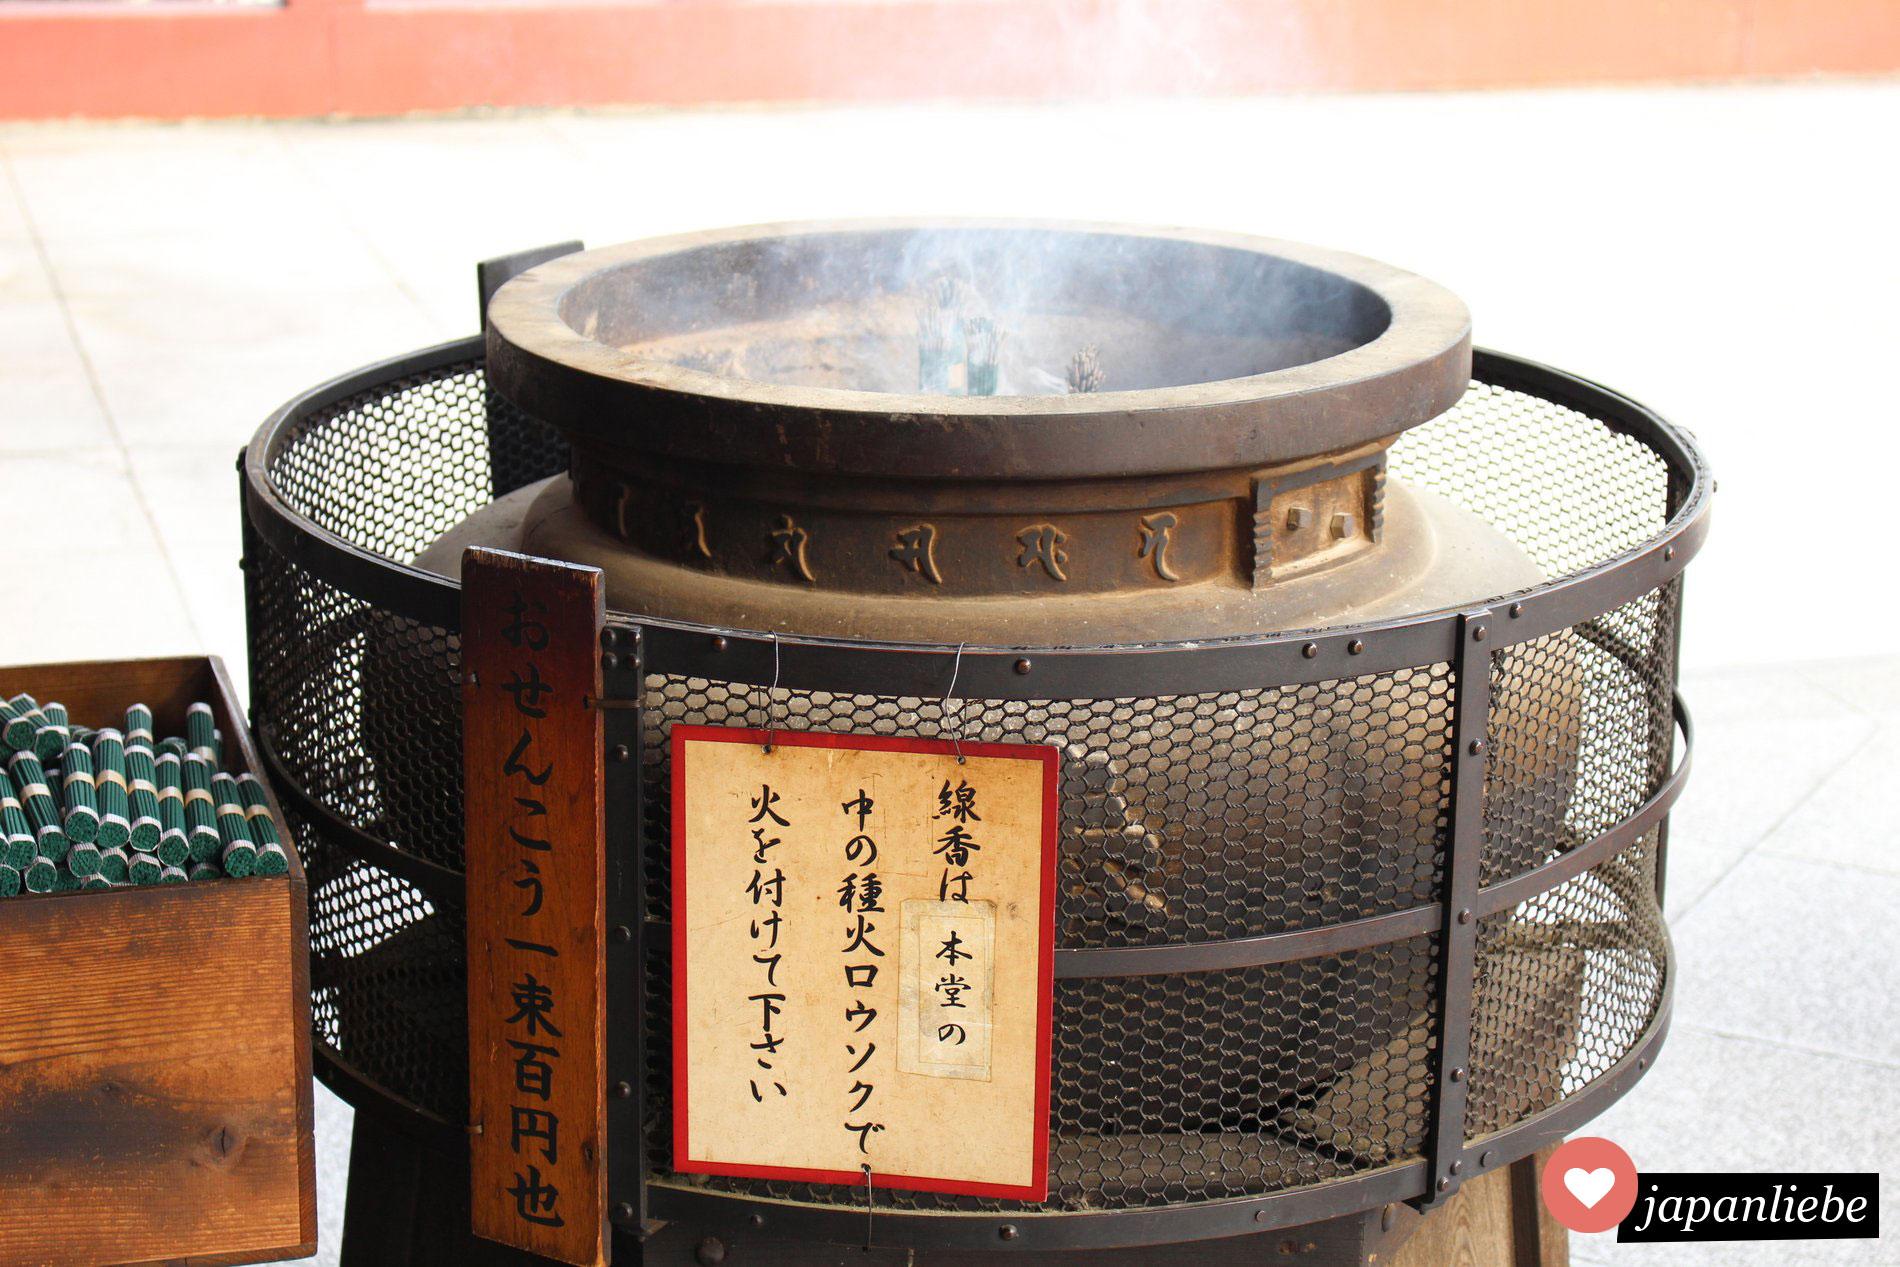 Räucherstäbchen am buddhistischen Ōsu Kannon Tempel in Nagoya, Japan.